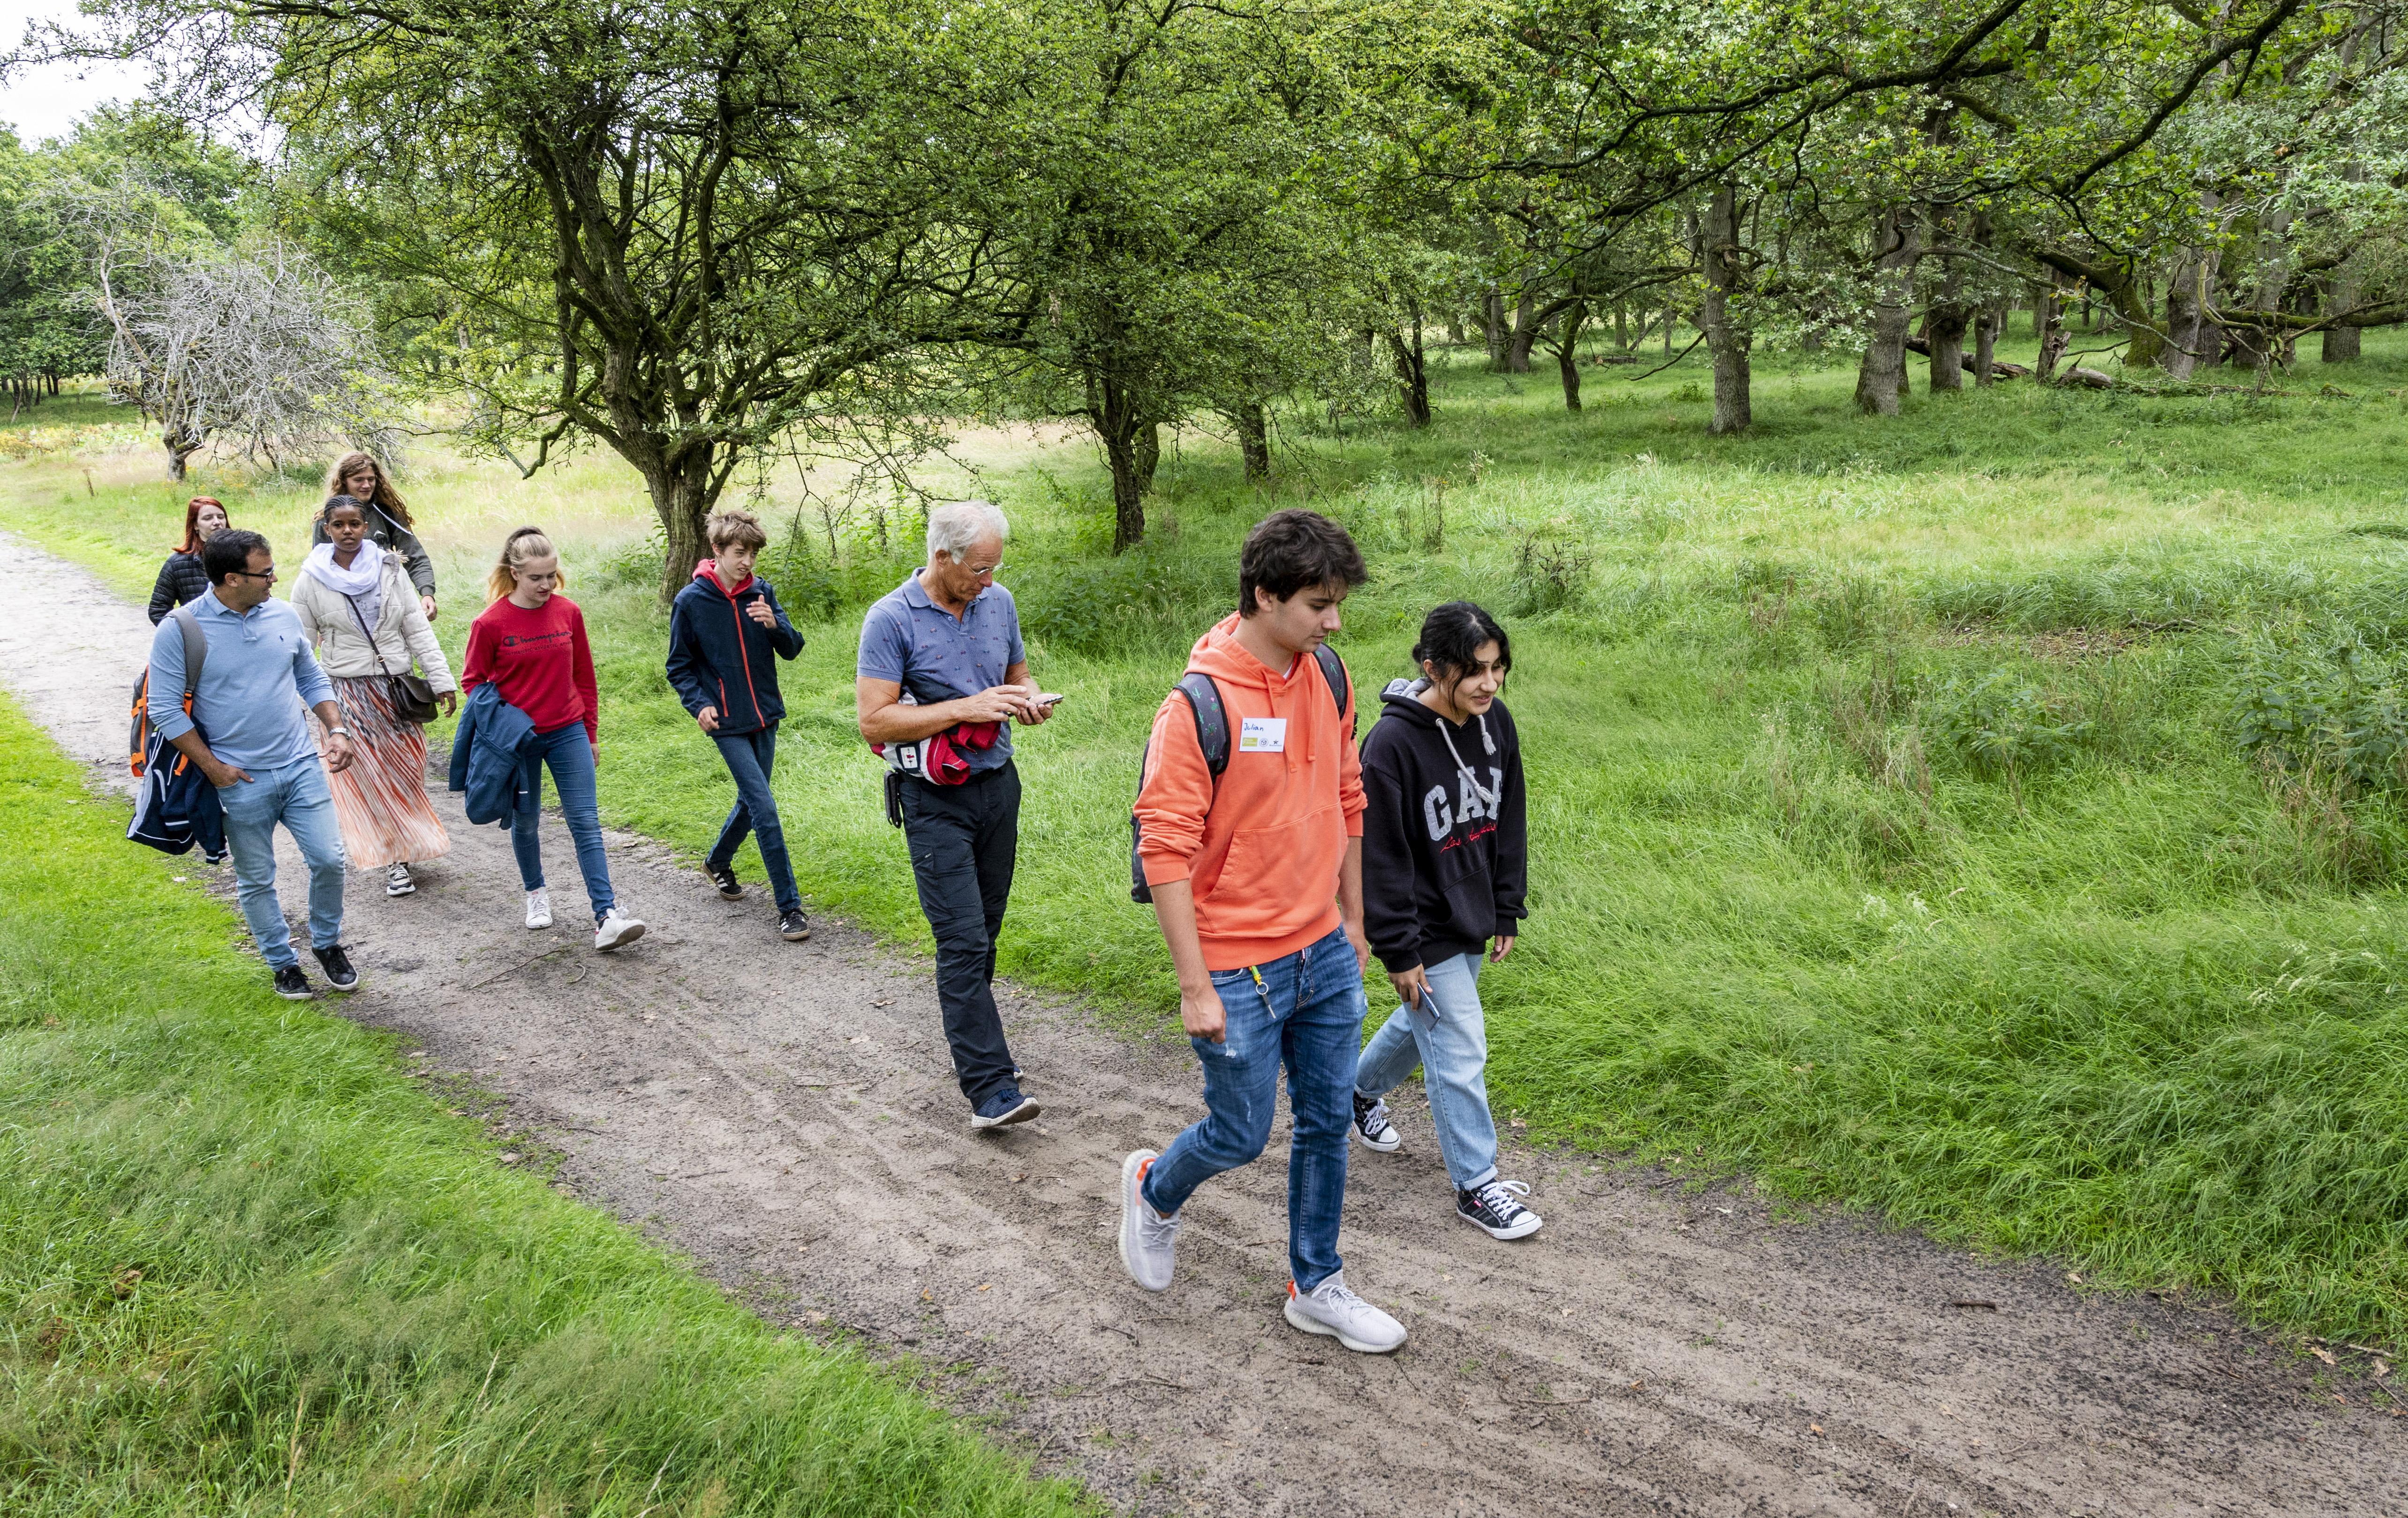 Jonge statushouders leren op zomerschool in Bloemendaal het verschil tussen 'lachen en laggen': 'Geboren' is het mooiste woord in het Nederlands